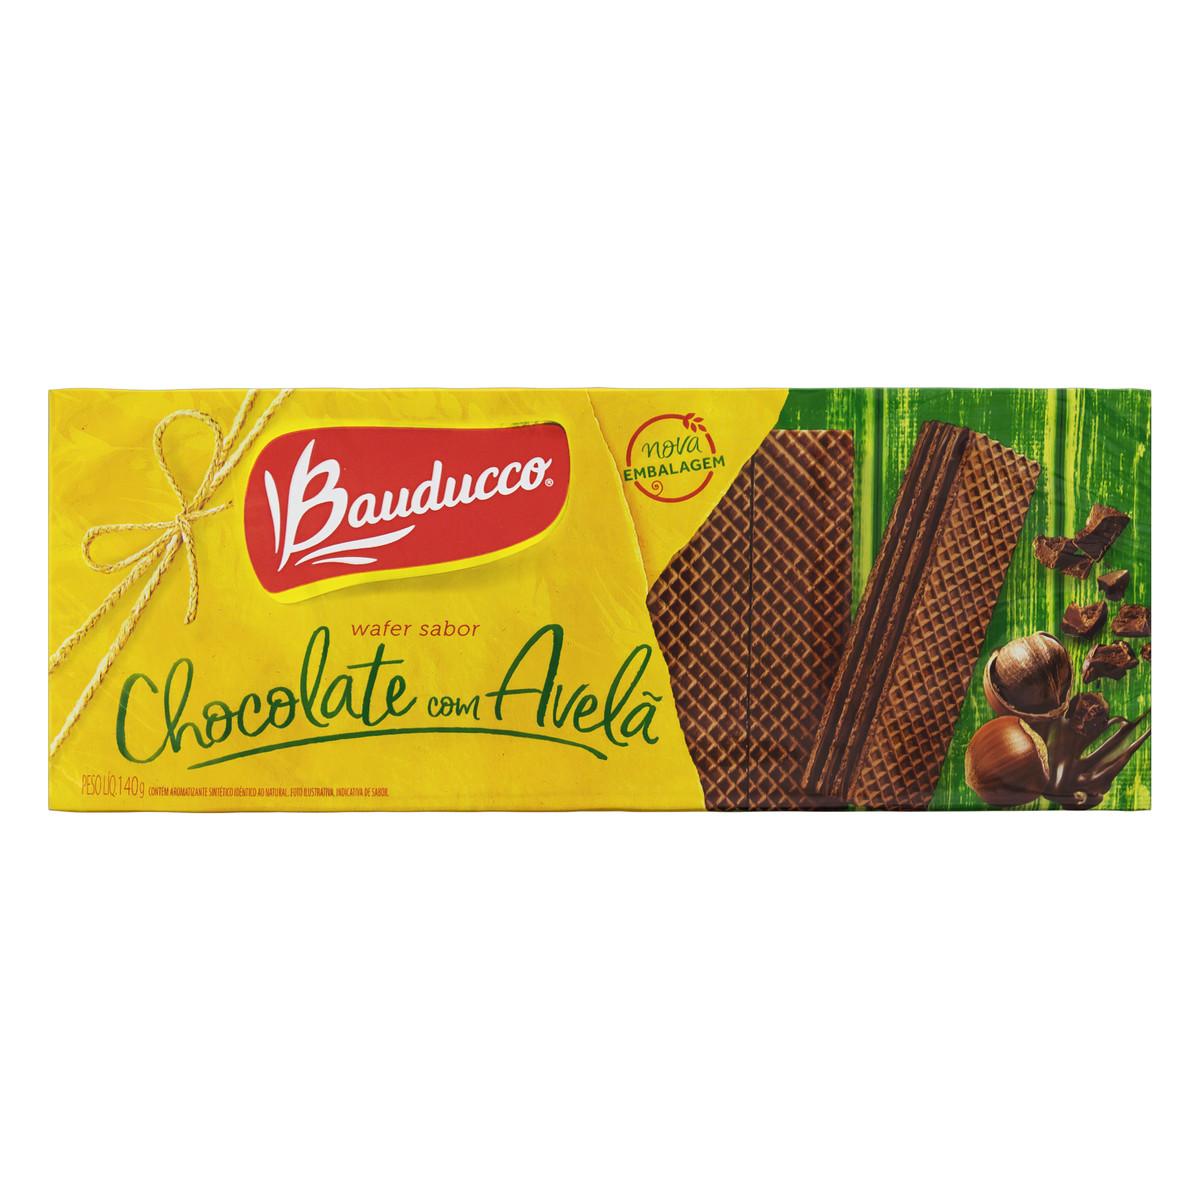 Biscoito Wafer Com Recheio De Creme De Chocolate Com Avelã Bauducco Pacote 140g